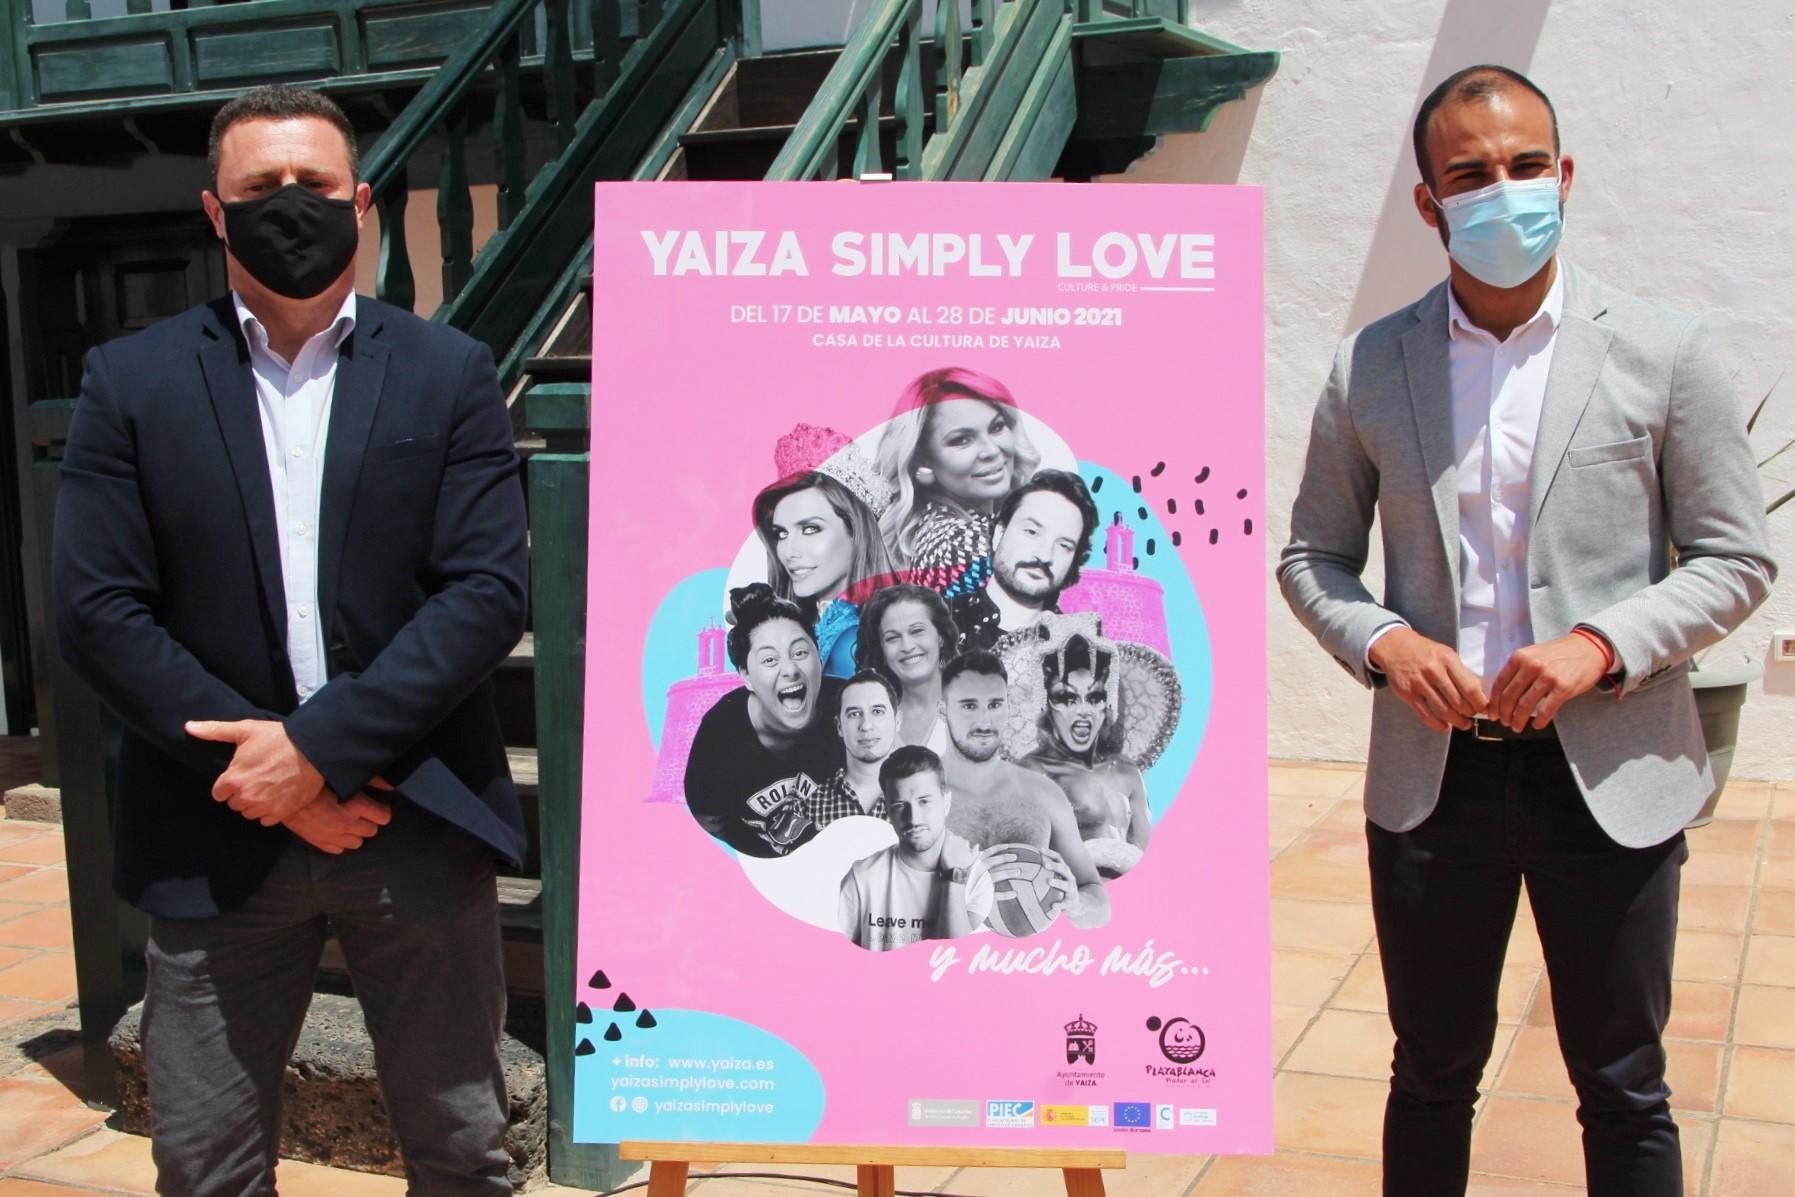 Yaiza celebra el festival Simply Love del 17 de mayo al 28 de junio